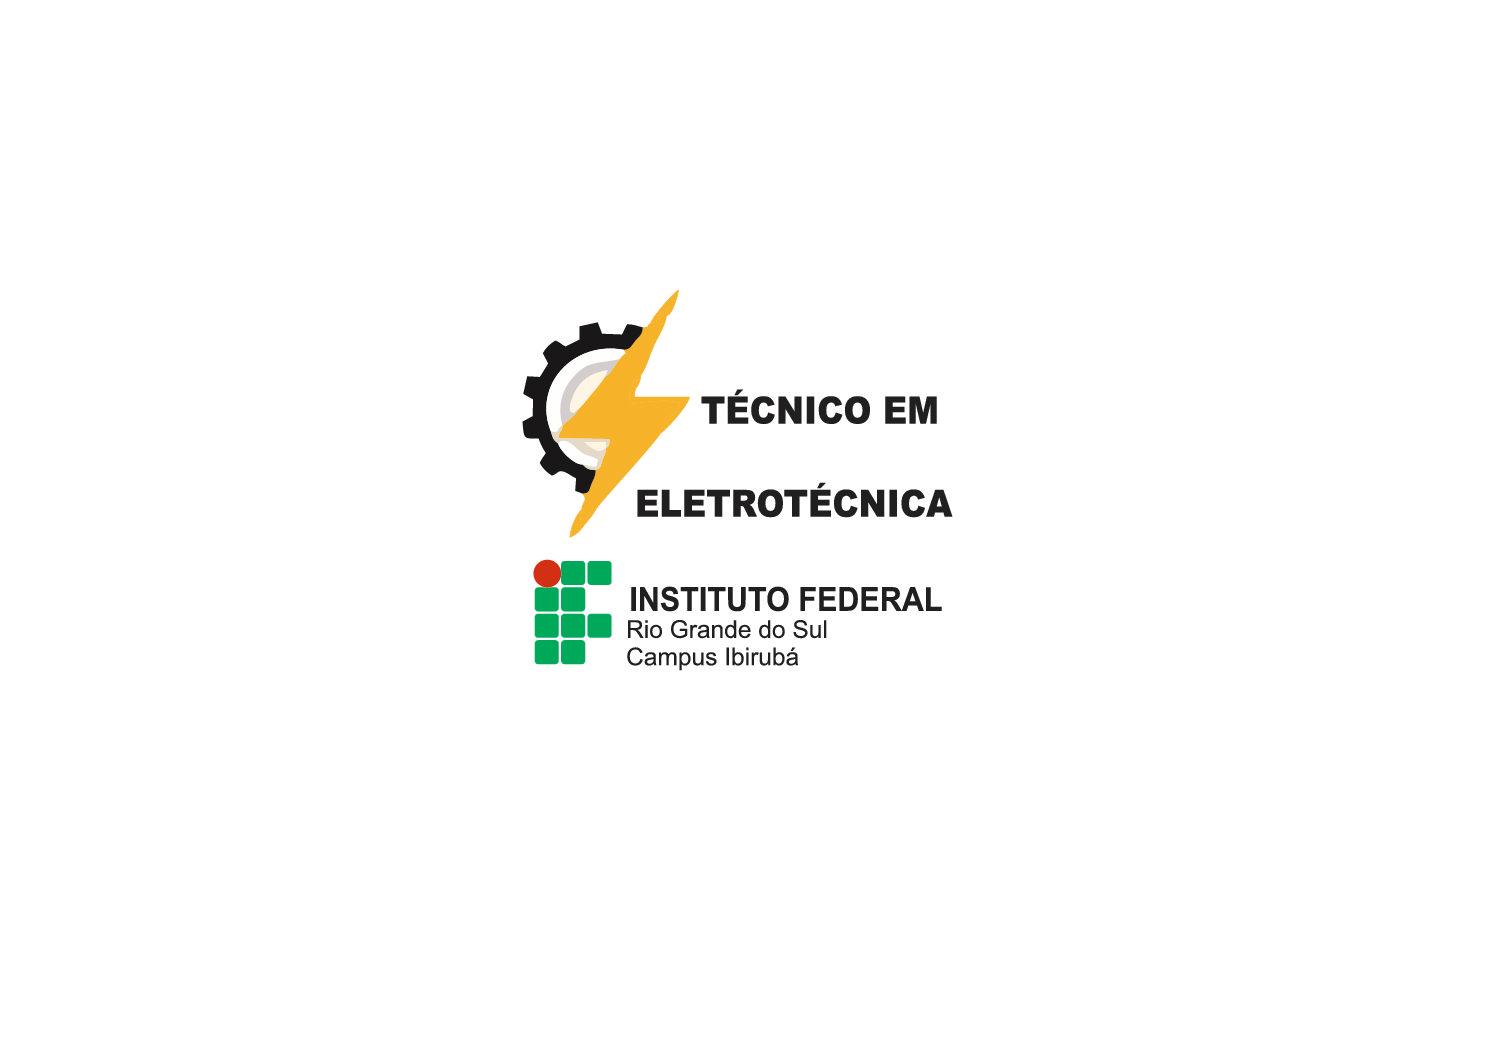 Camisetas polos com logos bordadas ponto a ponto para alunos do curso de Técnico em Eletrotécnica do IFRS, da cidade de Ibirubá/RS.